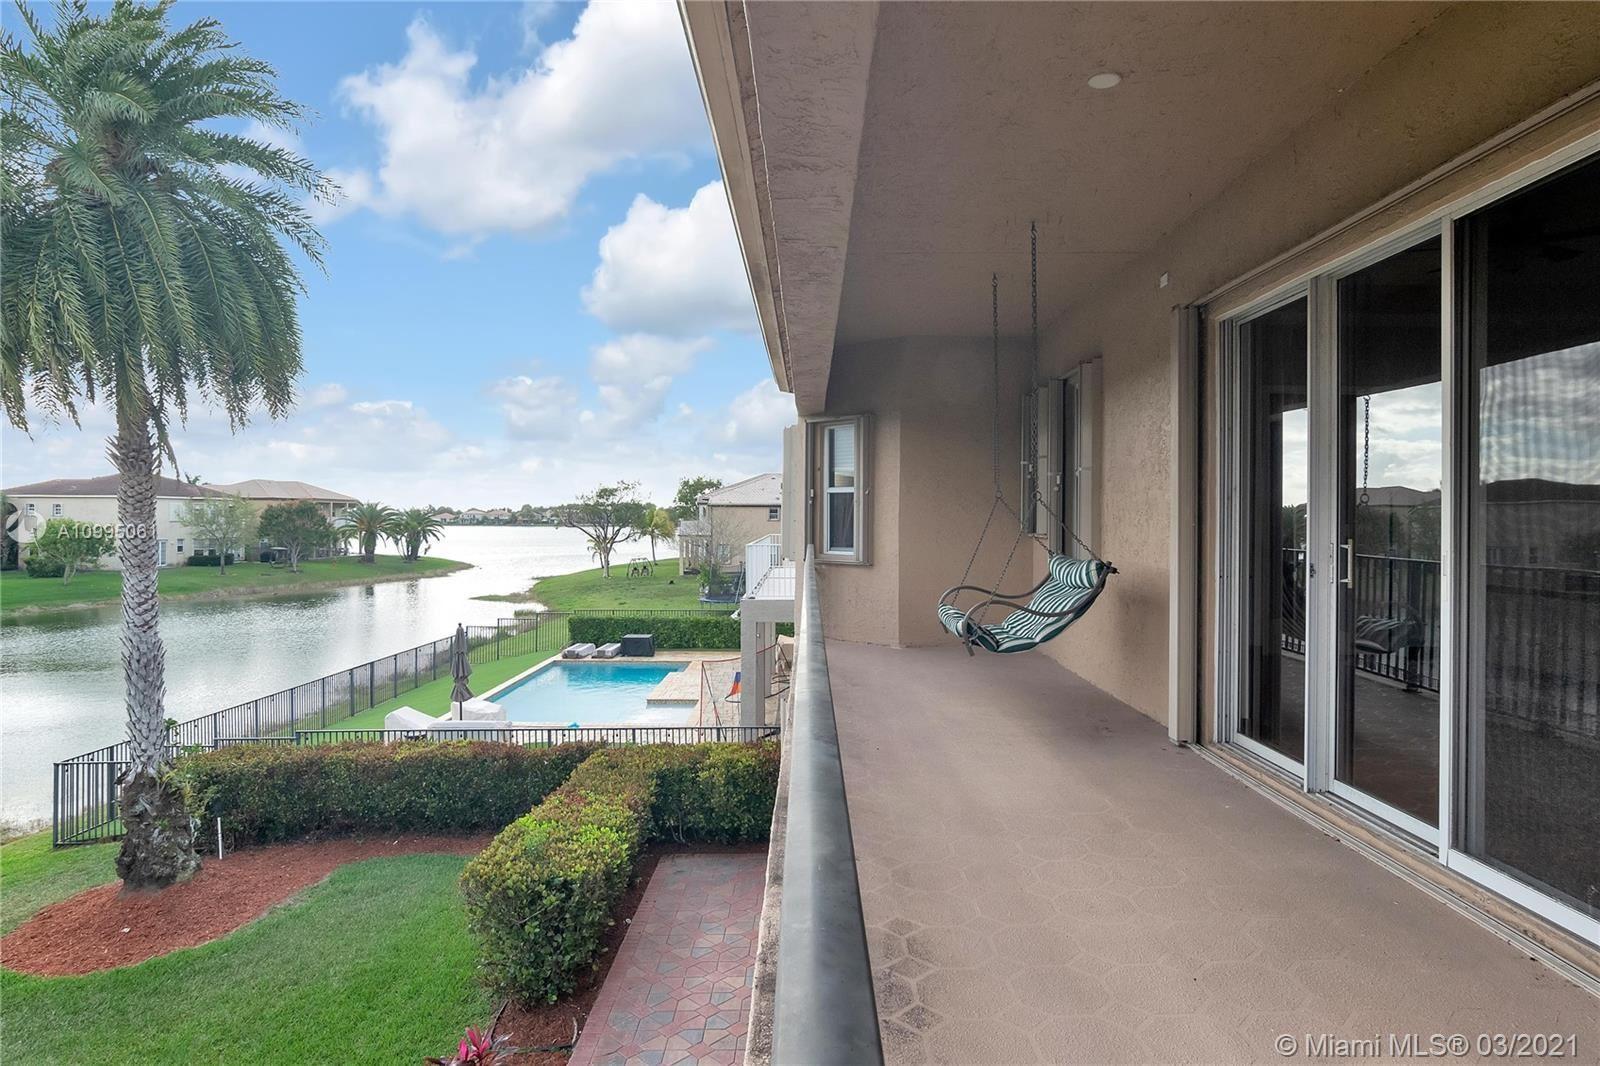 16724 SW 10TH ST, Pembroke Pines, FL 33027 - #: A10995061